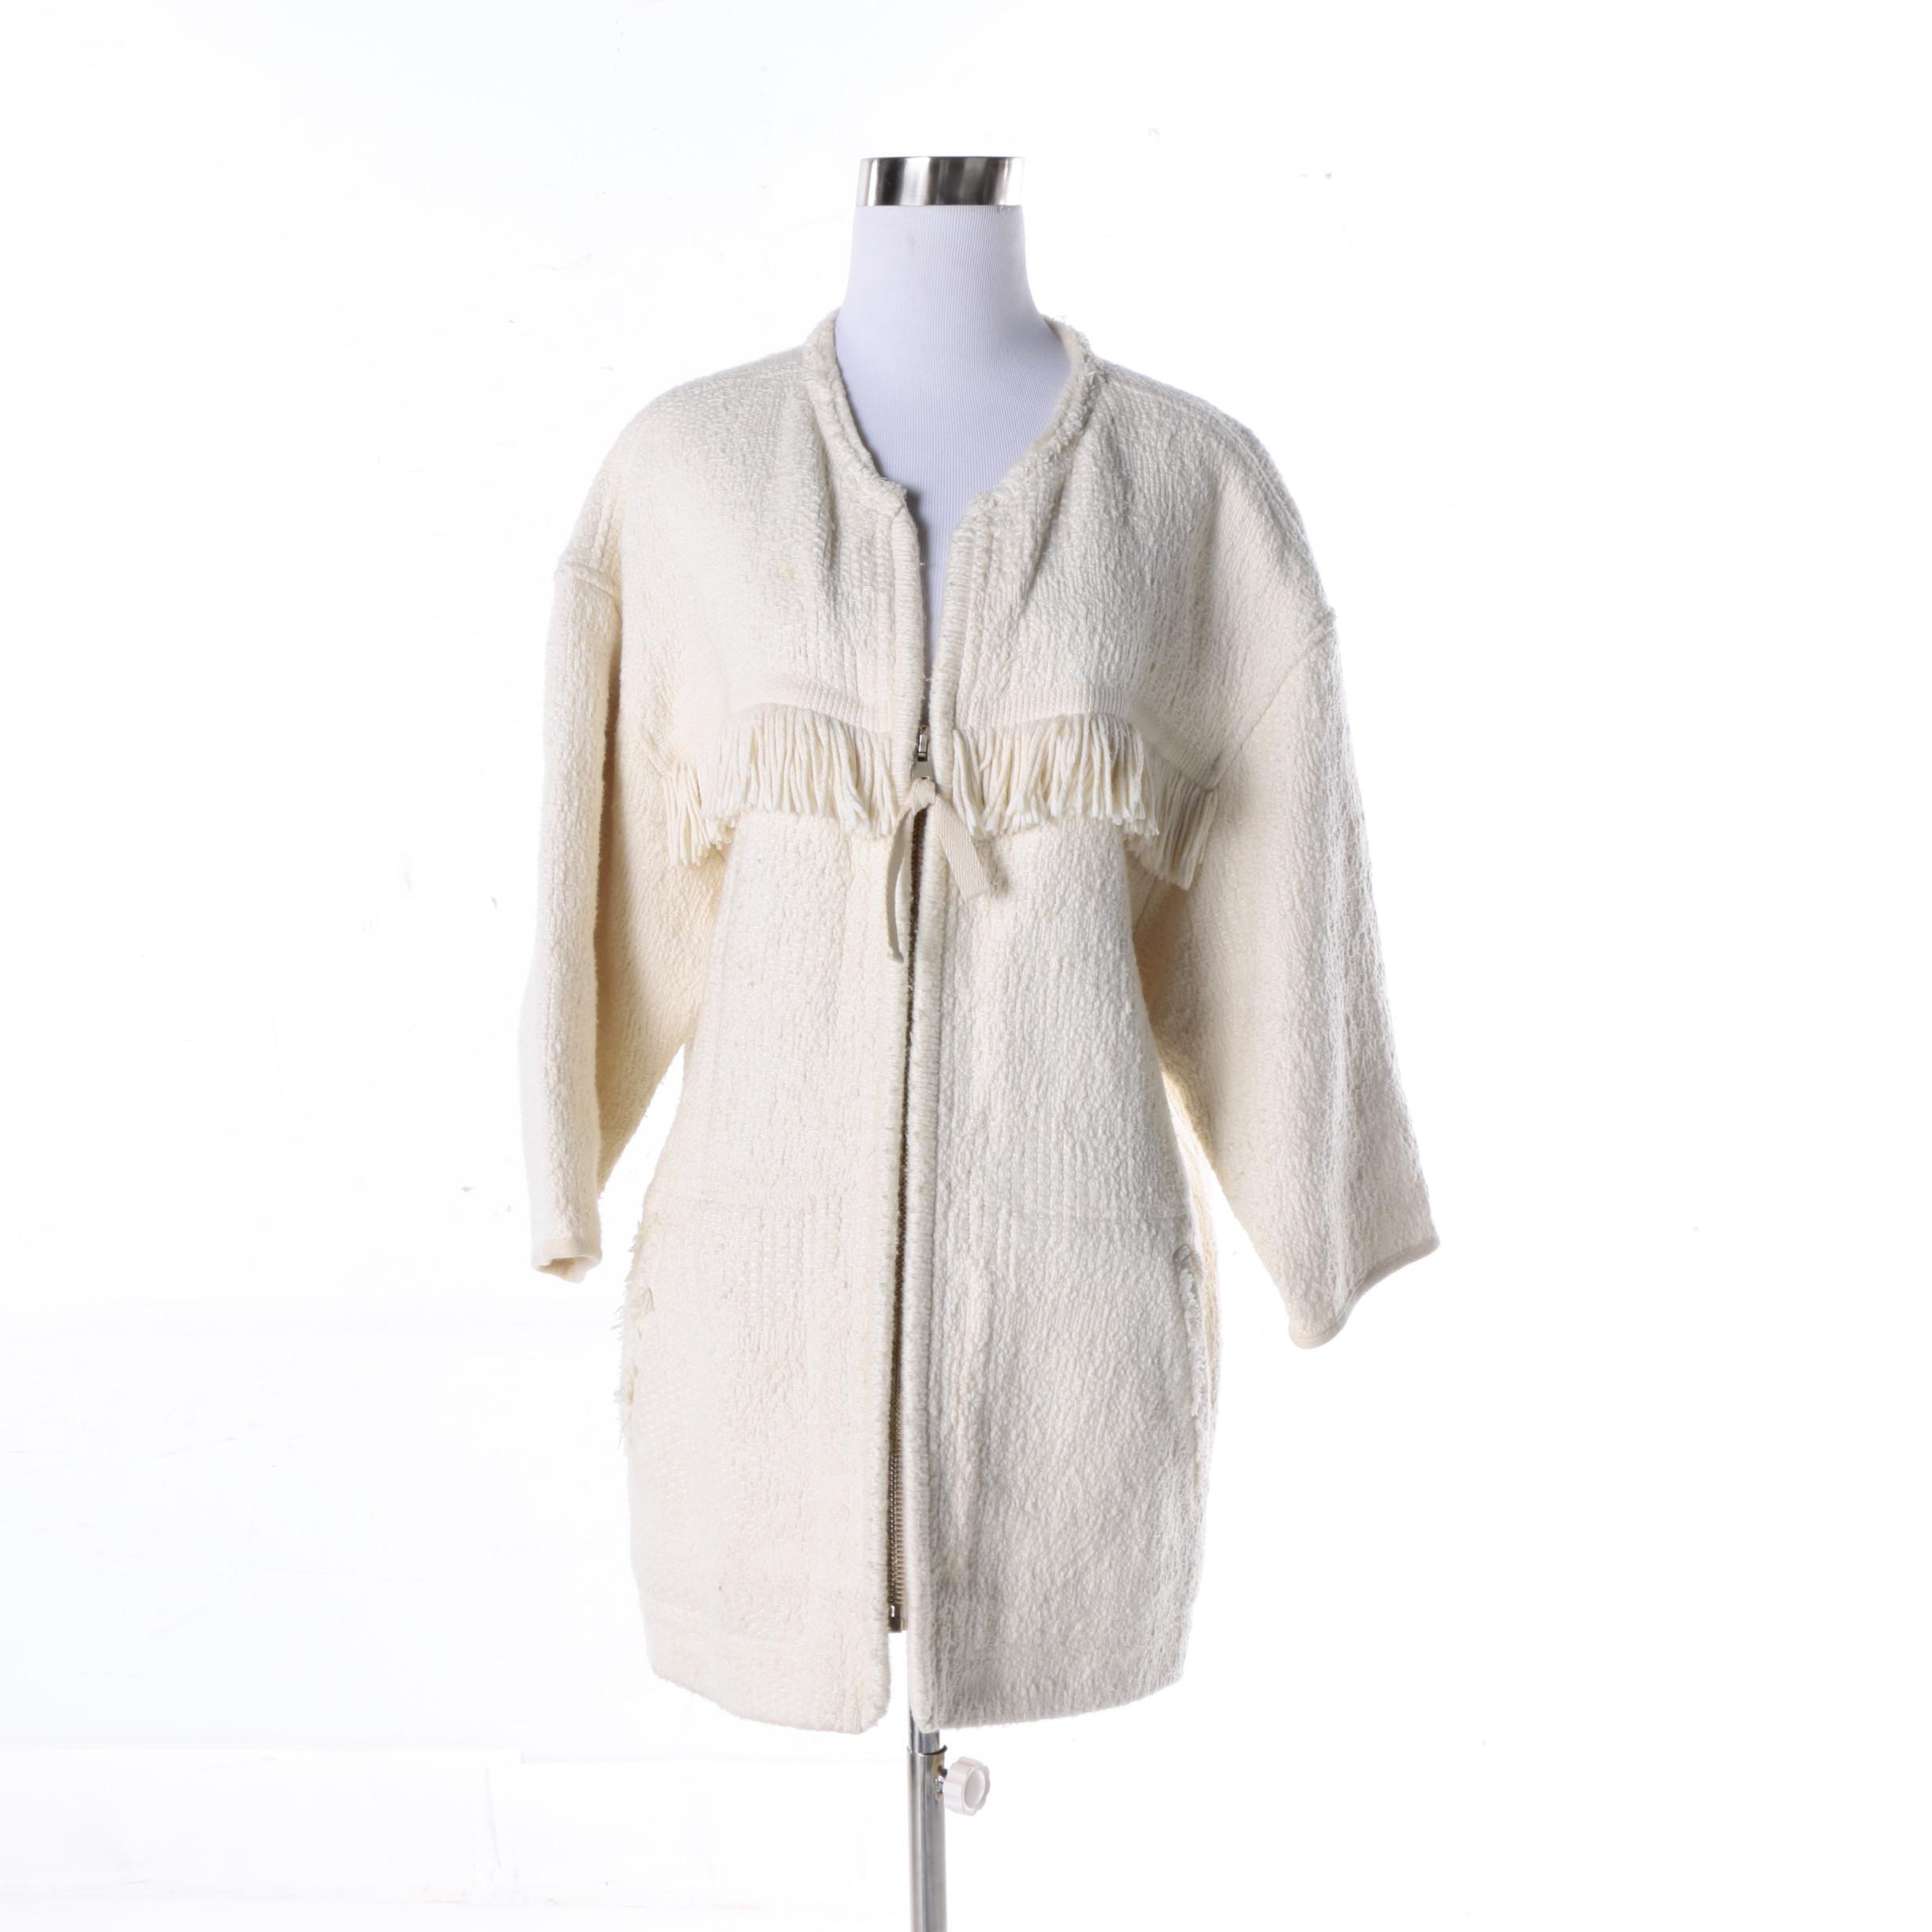 Women's Isabel Marant Leoni Jacket